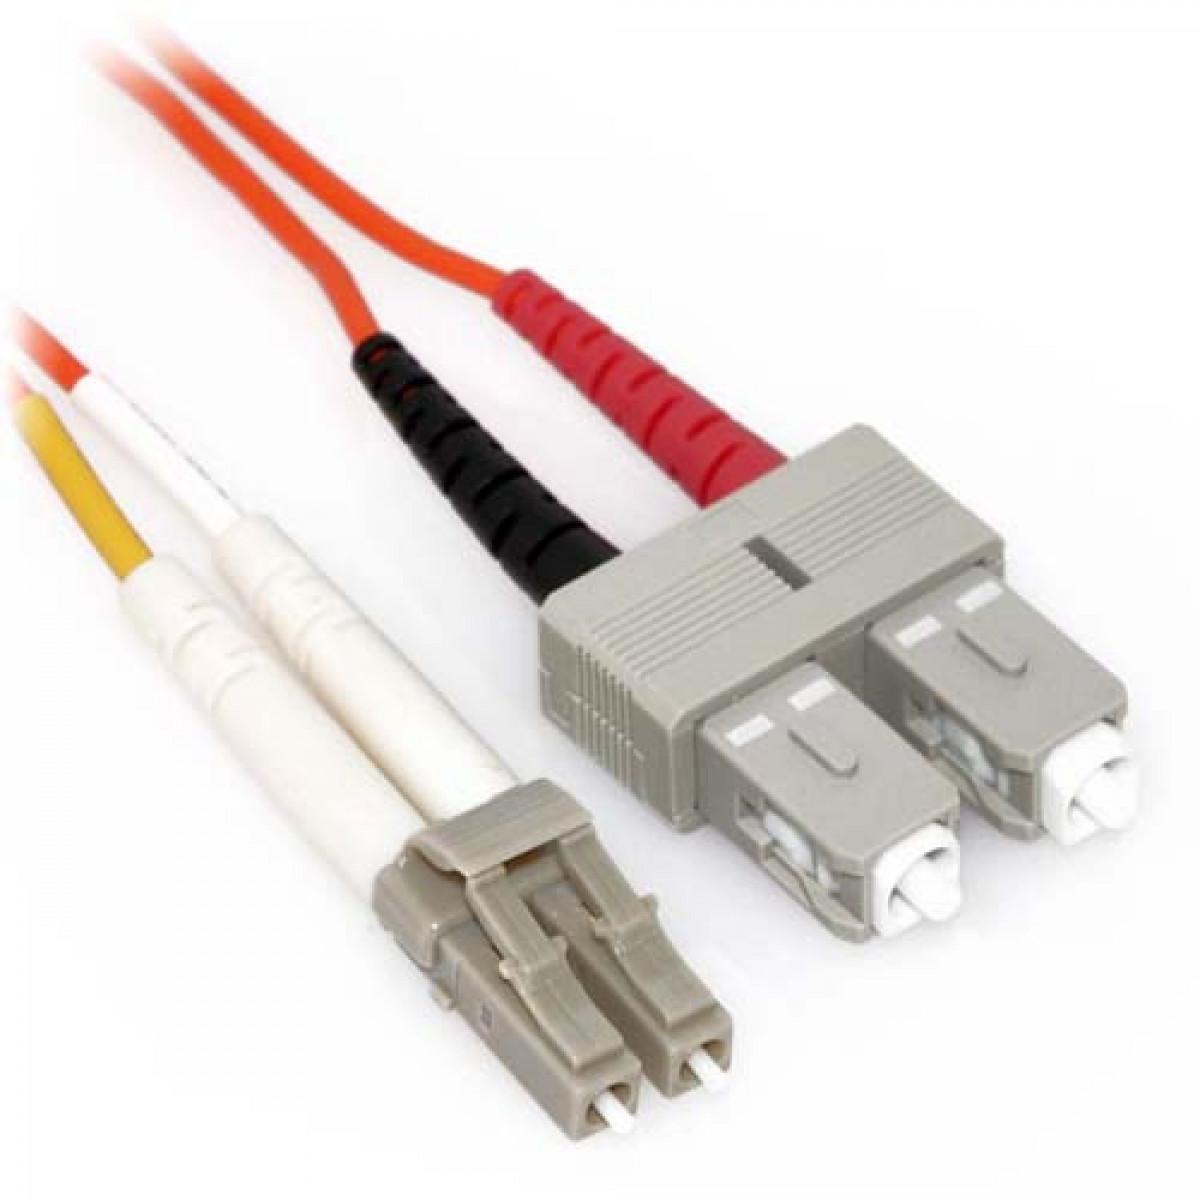 PLENUM 100M LC-LC Duplex Multimode 62.5//125 Fiber Optic Cable